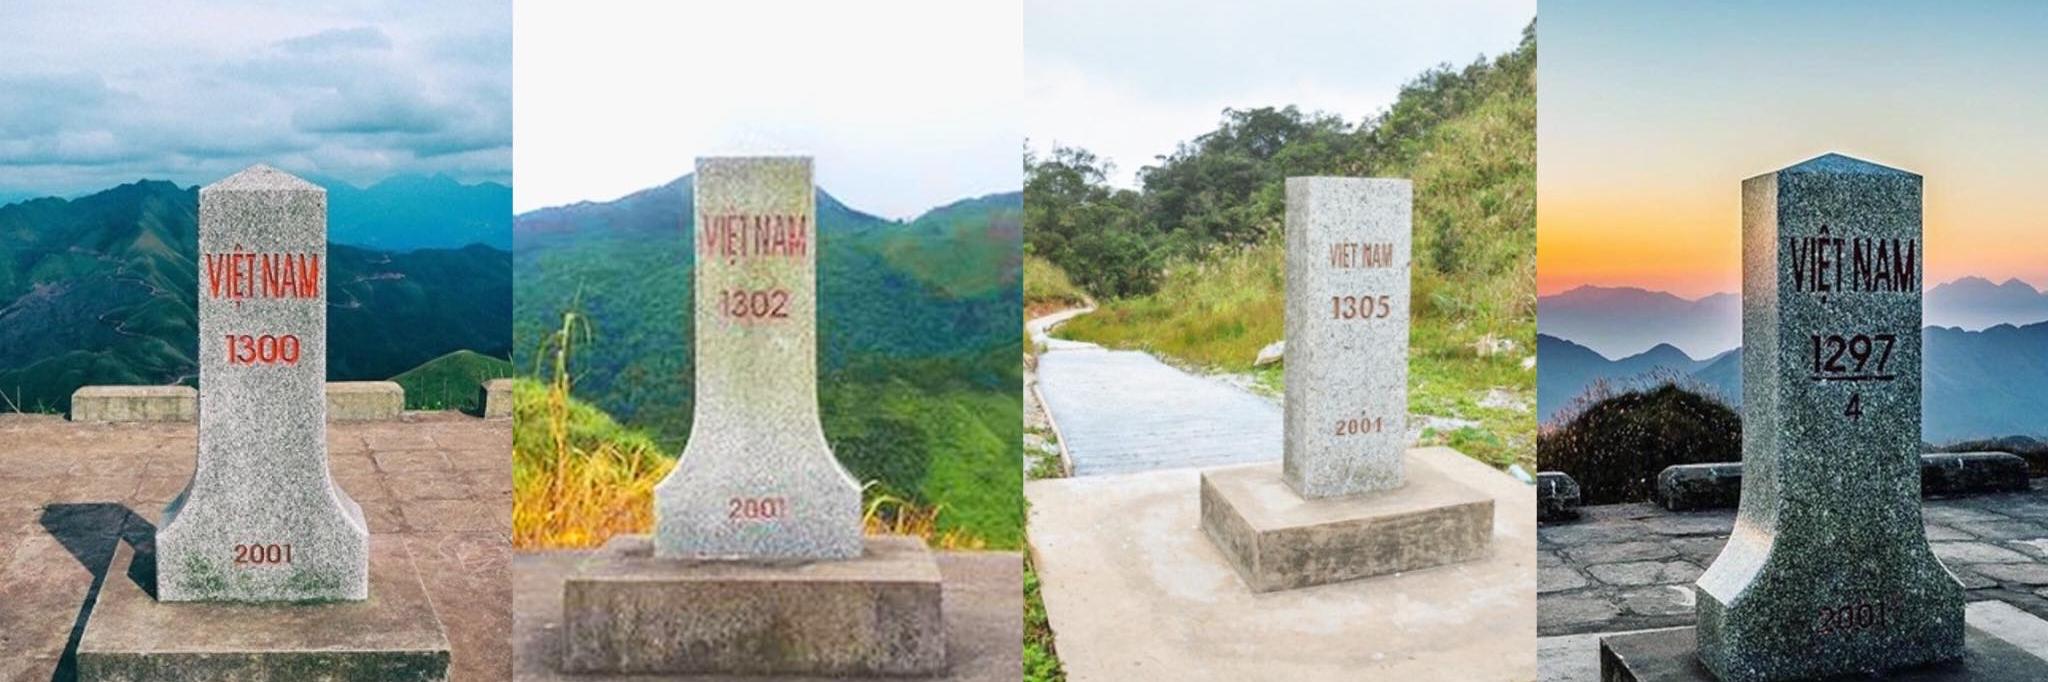 https://gody.vn/blog/12532935681505101494/post/4-cot-moc-bien-gioi-khong-the-bo-lo-khi-den-binh-lieu-7982